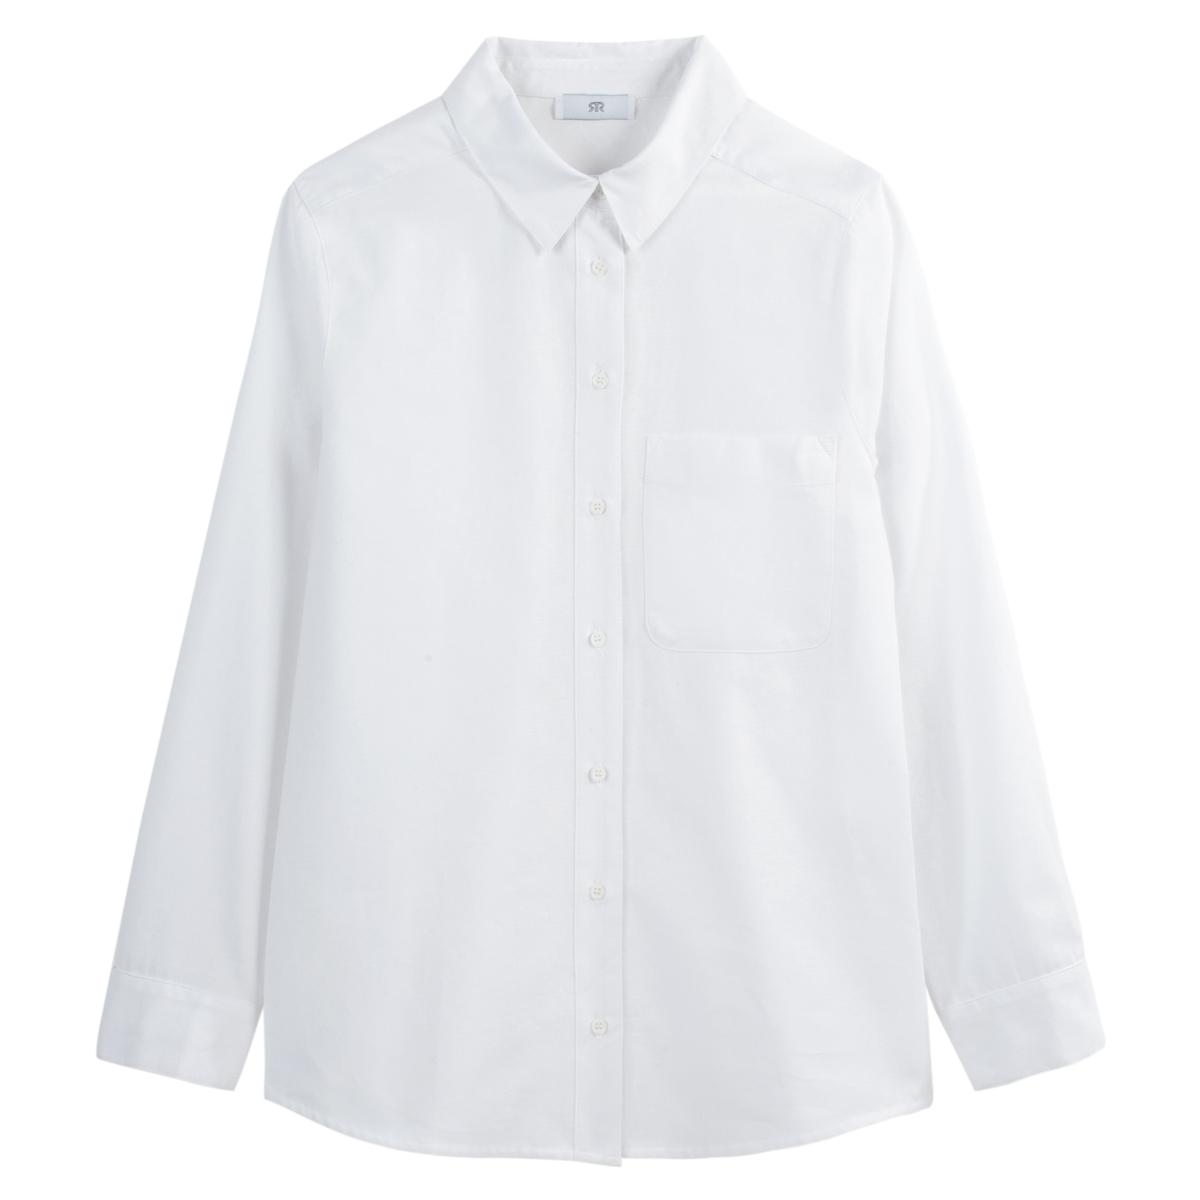 Блузка свободного покроя бойфренд с длинными рукавами блузка свободного покроя бойфренд с v образный вырезом рисунком и рукавами 3 4